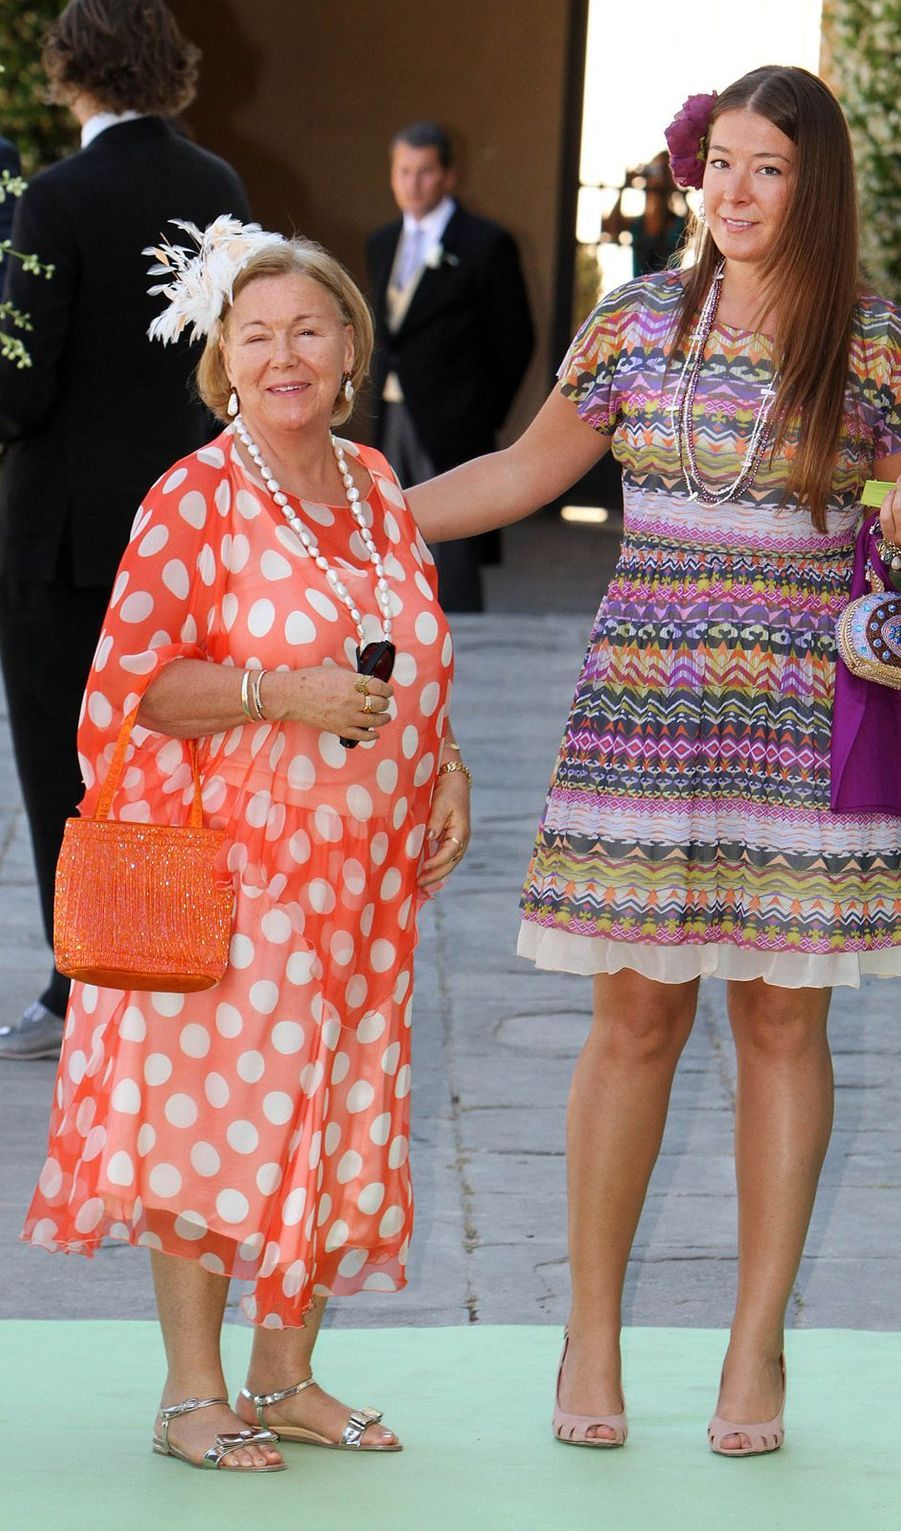 La princesse Christina des Pays-Bas avec sa fille Juliana Guillermo, le 16 juin 2012